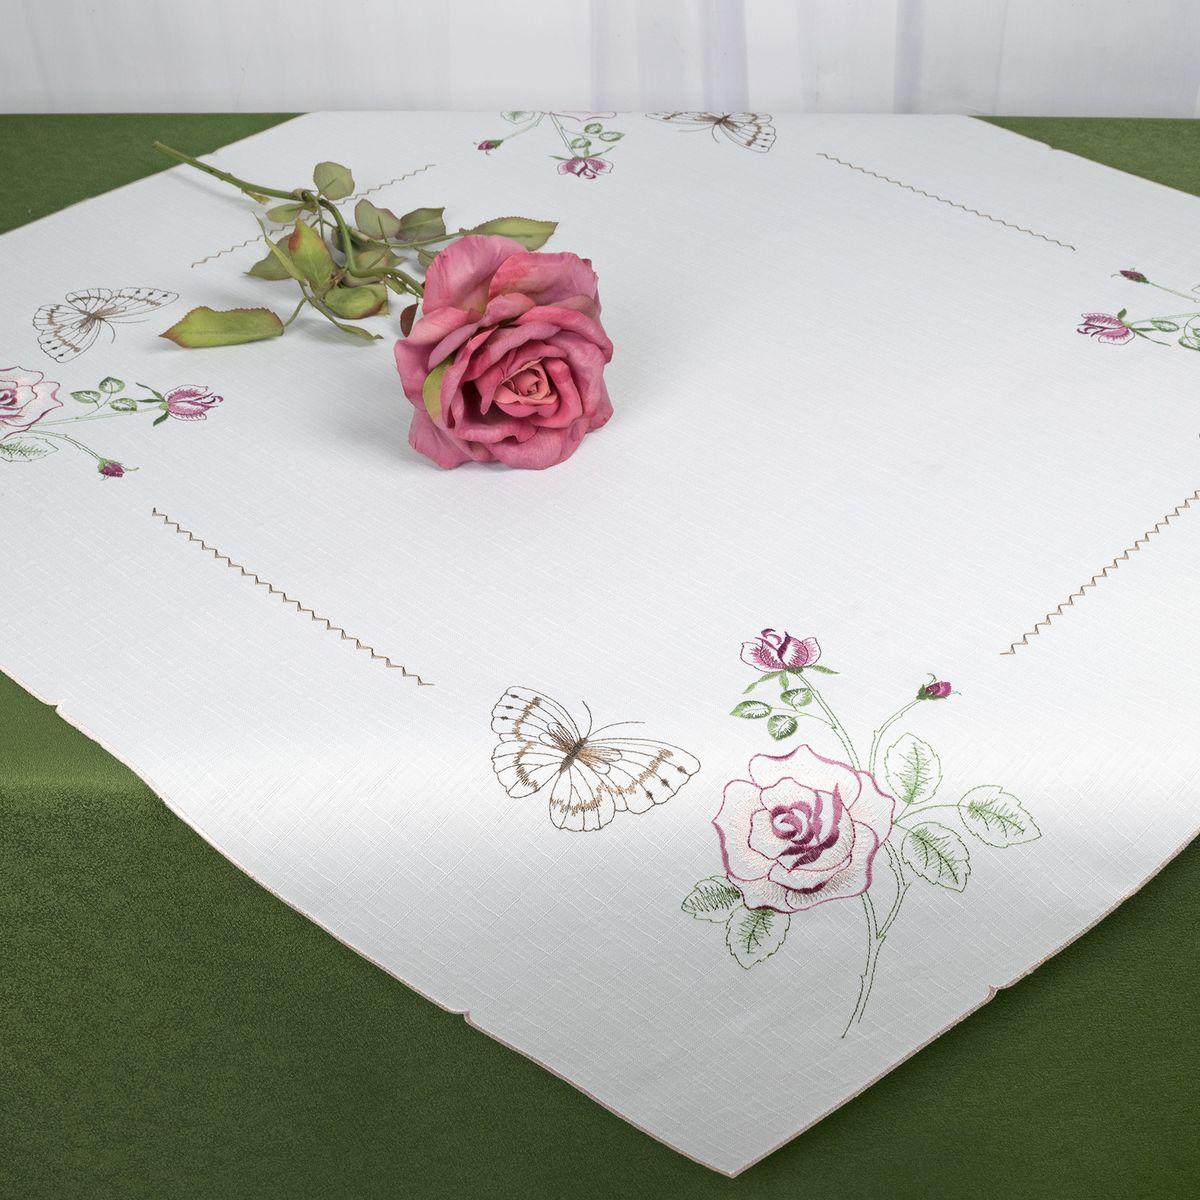 Скатерть Schaefer, квадратная, цвет: белый, 85 x 85 см. 07707-100VT-1520(SR)Стильная скатерть Schaefer, выполненная из полиэстера, украшена вышивкой. Вышивка дает эффект объема за счет направления стежков при вышивании.Изделия из полиэстера легко стирать: они не мнутся, не садятся и быстро сохнут, они более долговечны, чем изделия из натуральных волокон.Немецкая компания Schaefer создана в 1921 году. На протяжении всего времени существования она создает уникальные коллекции домашнего текстиля для гостиных, спален, кухонь и ванных комнат. Дизайнерские идеи немецких художников компании Schaefer воплощаются в текстильных изделиях, которые сделают ваш дом красивее и уютнее и не останутся незамеченными вашими гостями. Дарите себе и близким красоту каждый день!